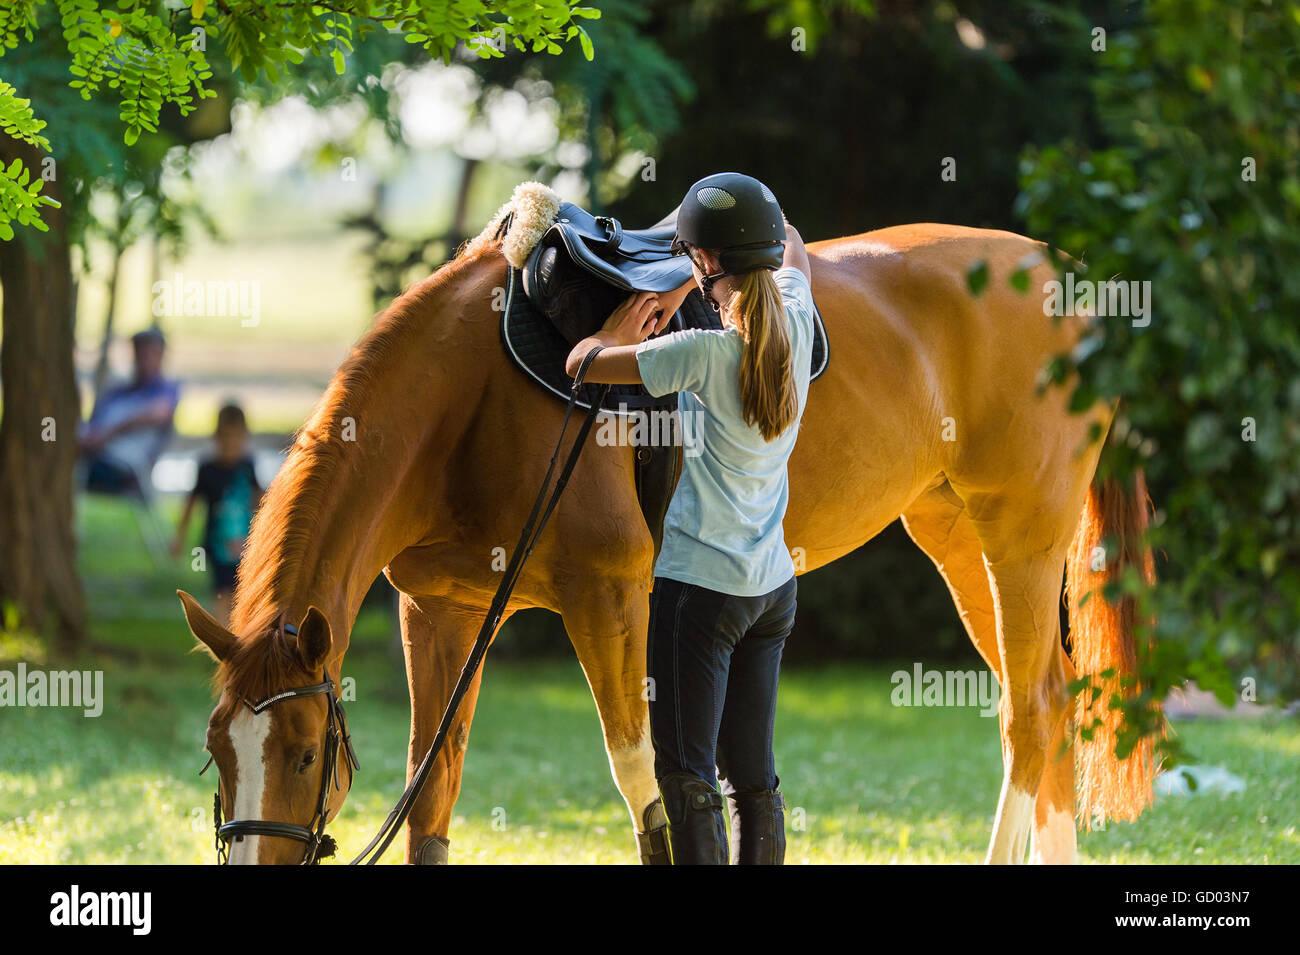 Girl riding a horse Photo Stock